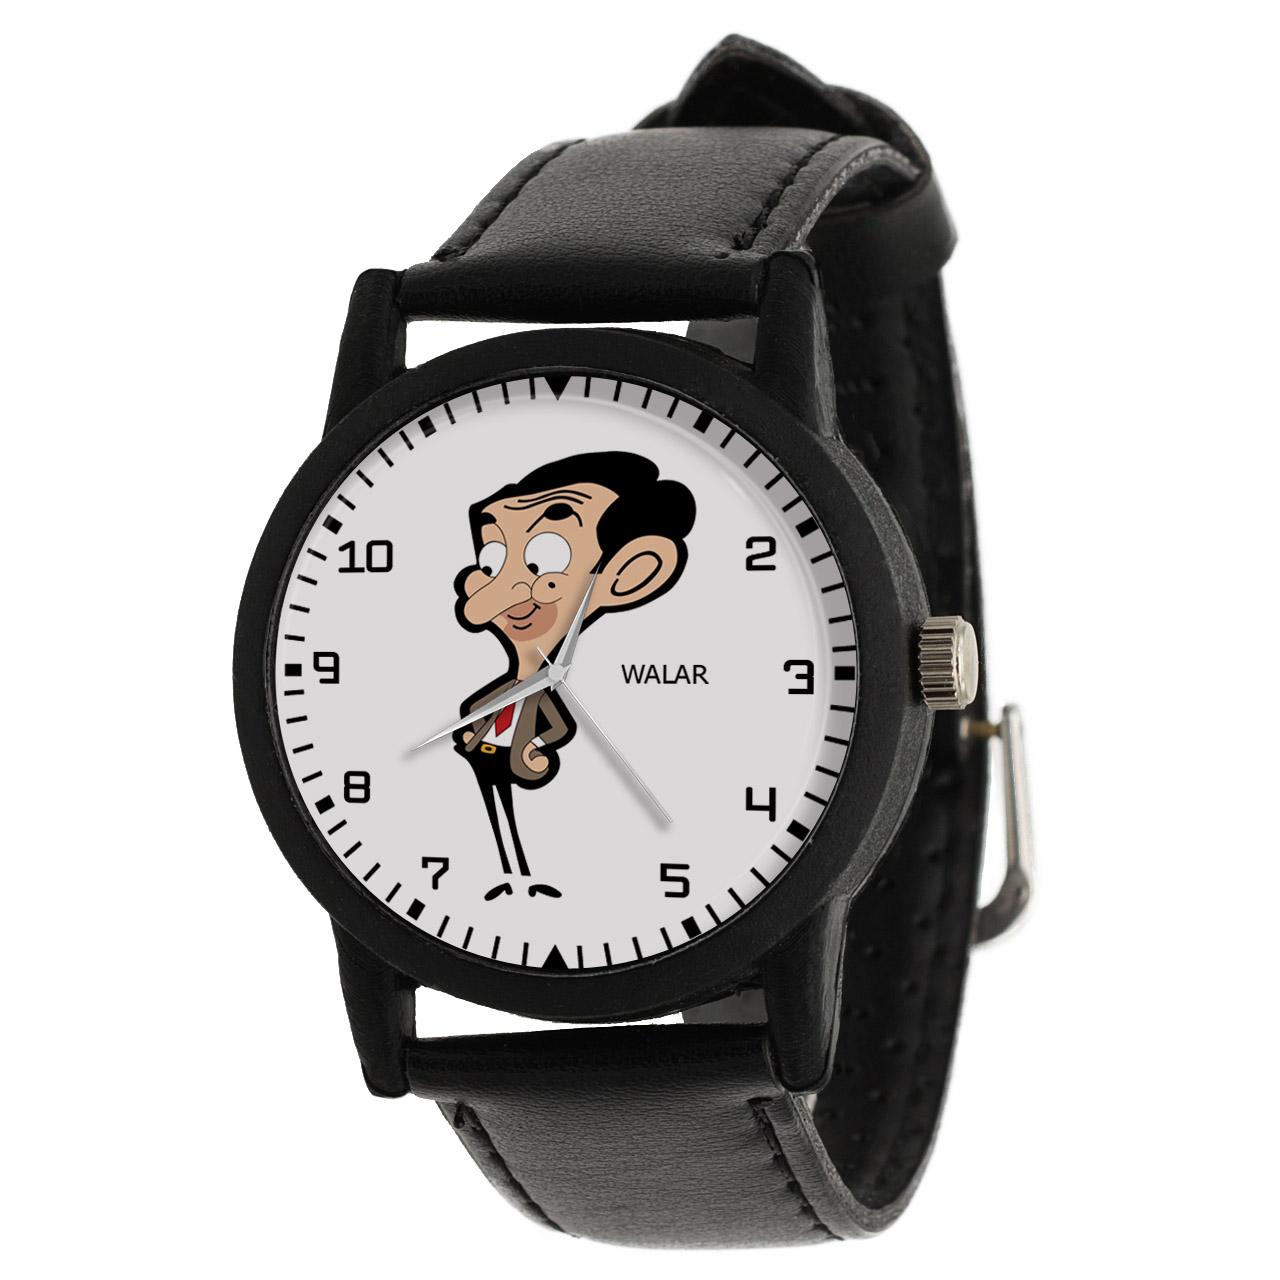 ساعت مچی عقربه ای والار طرح مستر بین کد LF2243              ارزان